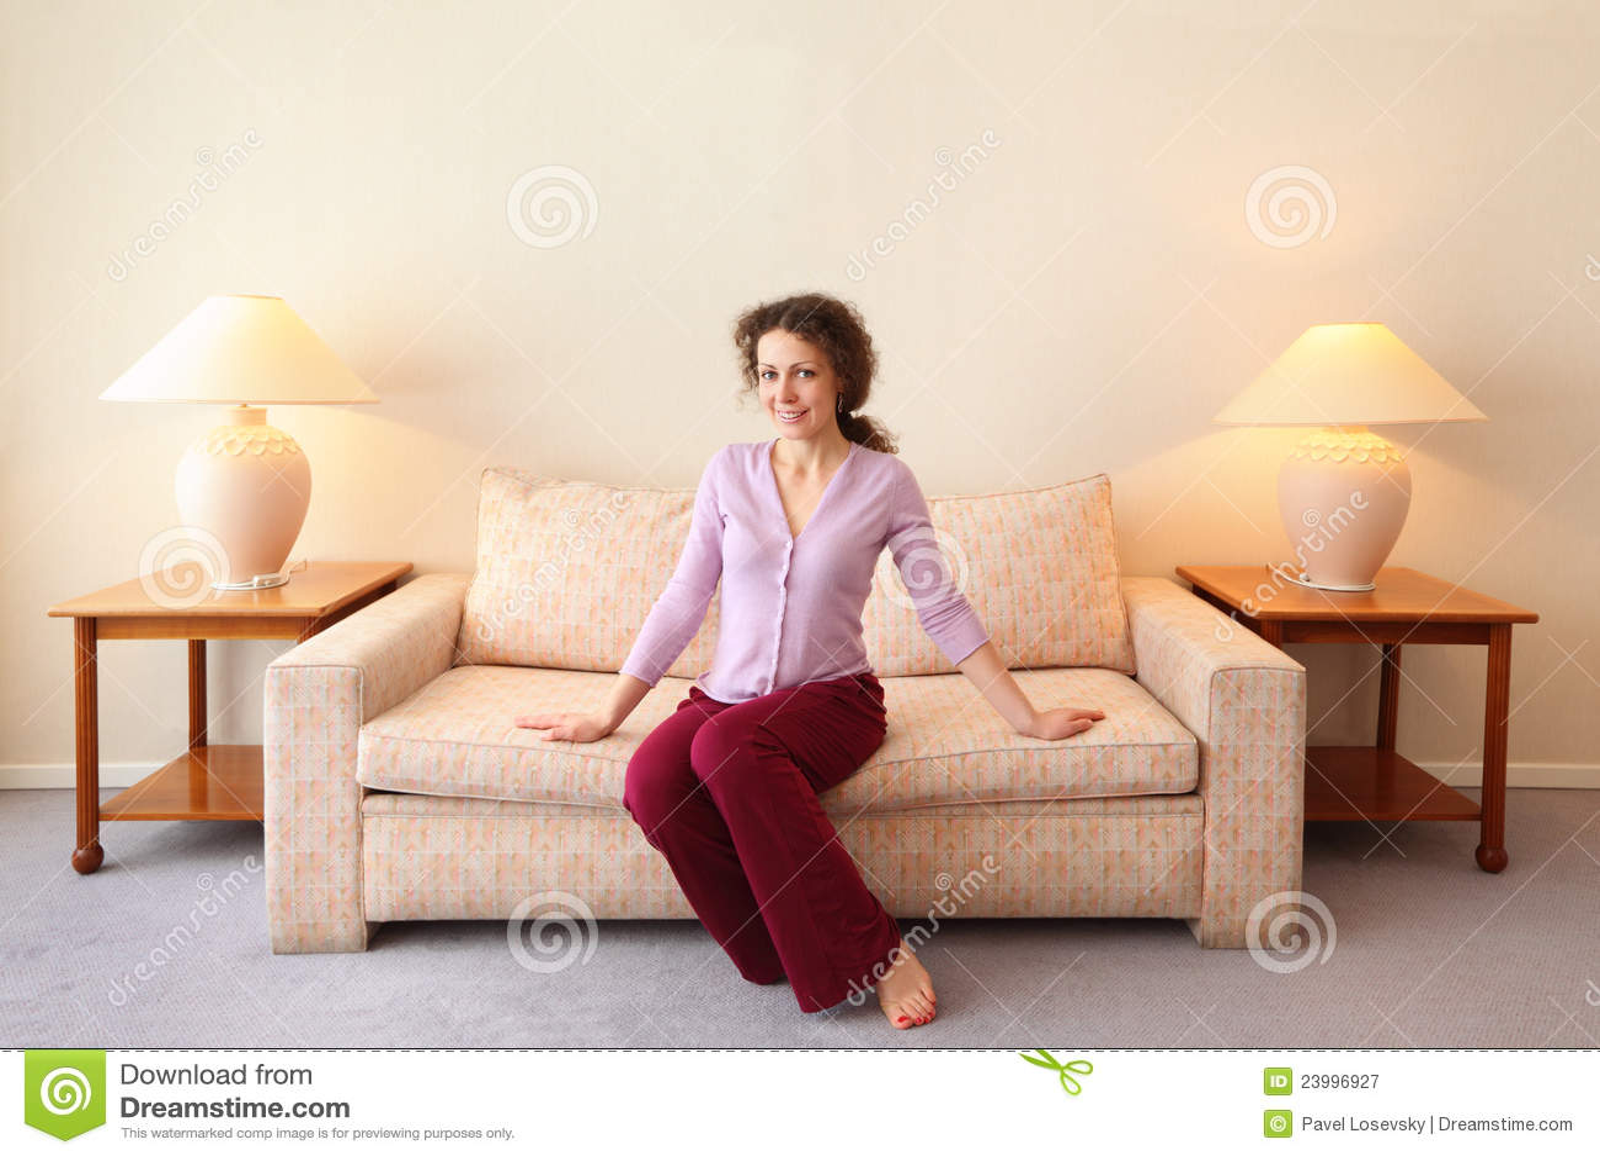 frau sitzt auf couch im einfachen raum stockbild bild von europ isch bunt 23996927. Black Bedroom Furniture Sets. Home Design Ideas